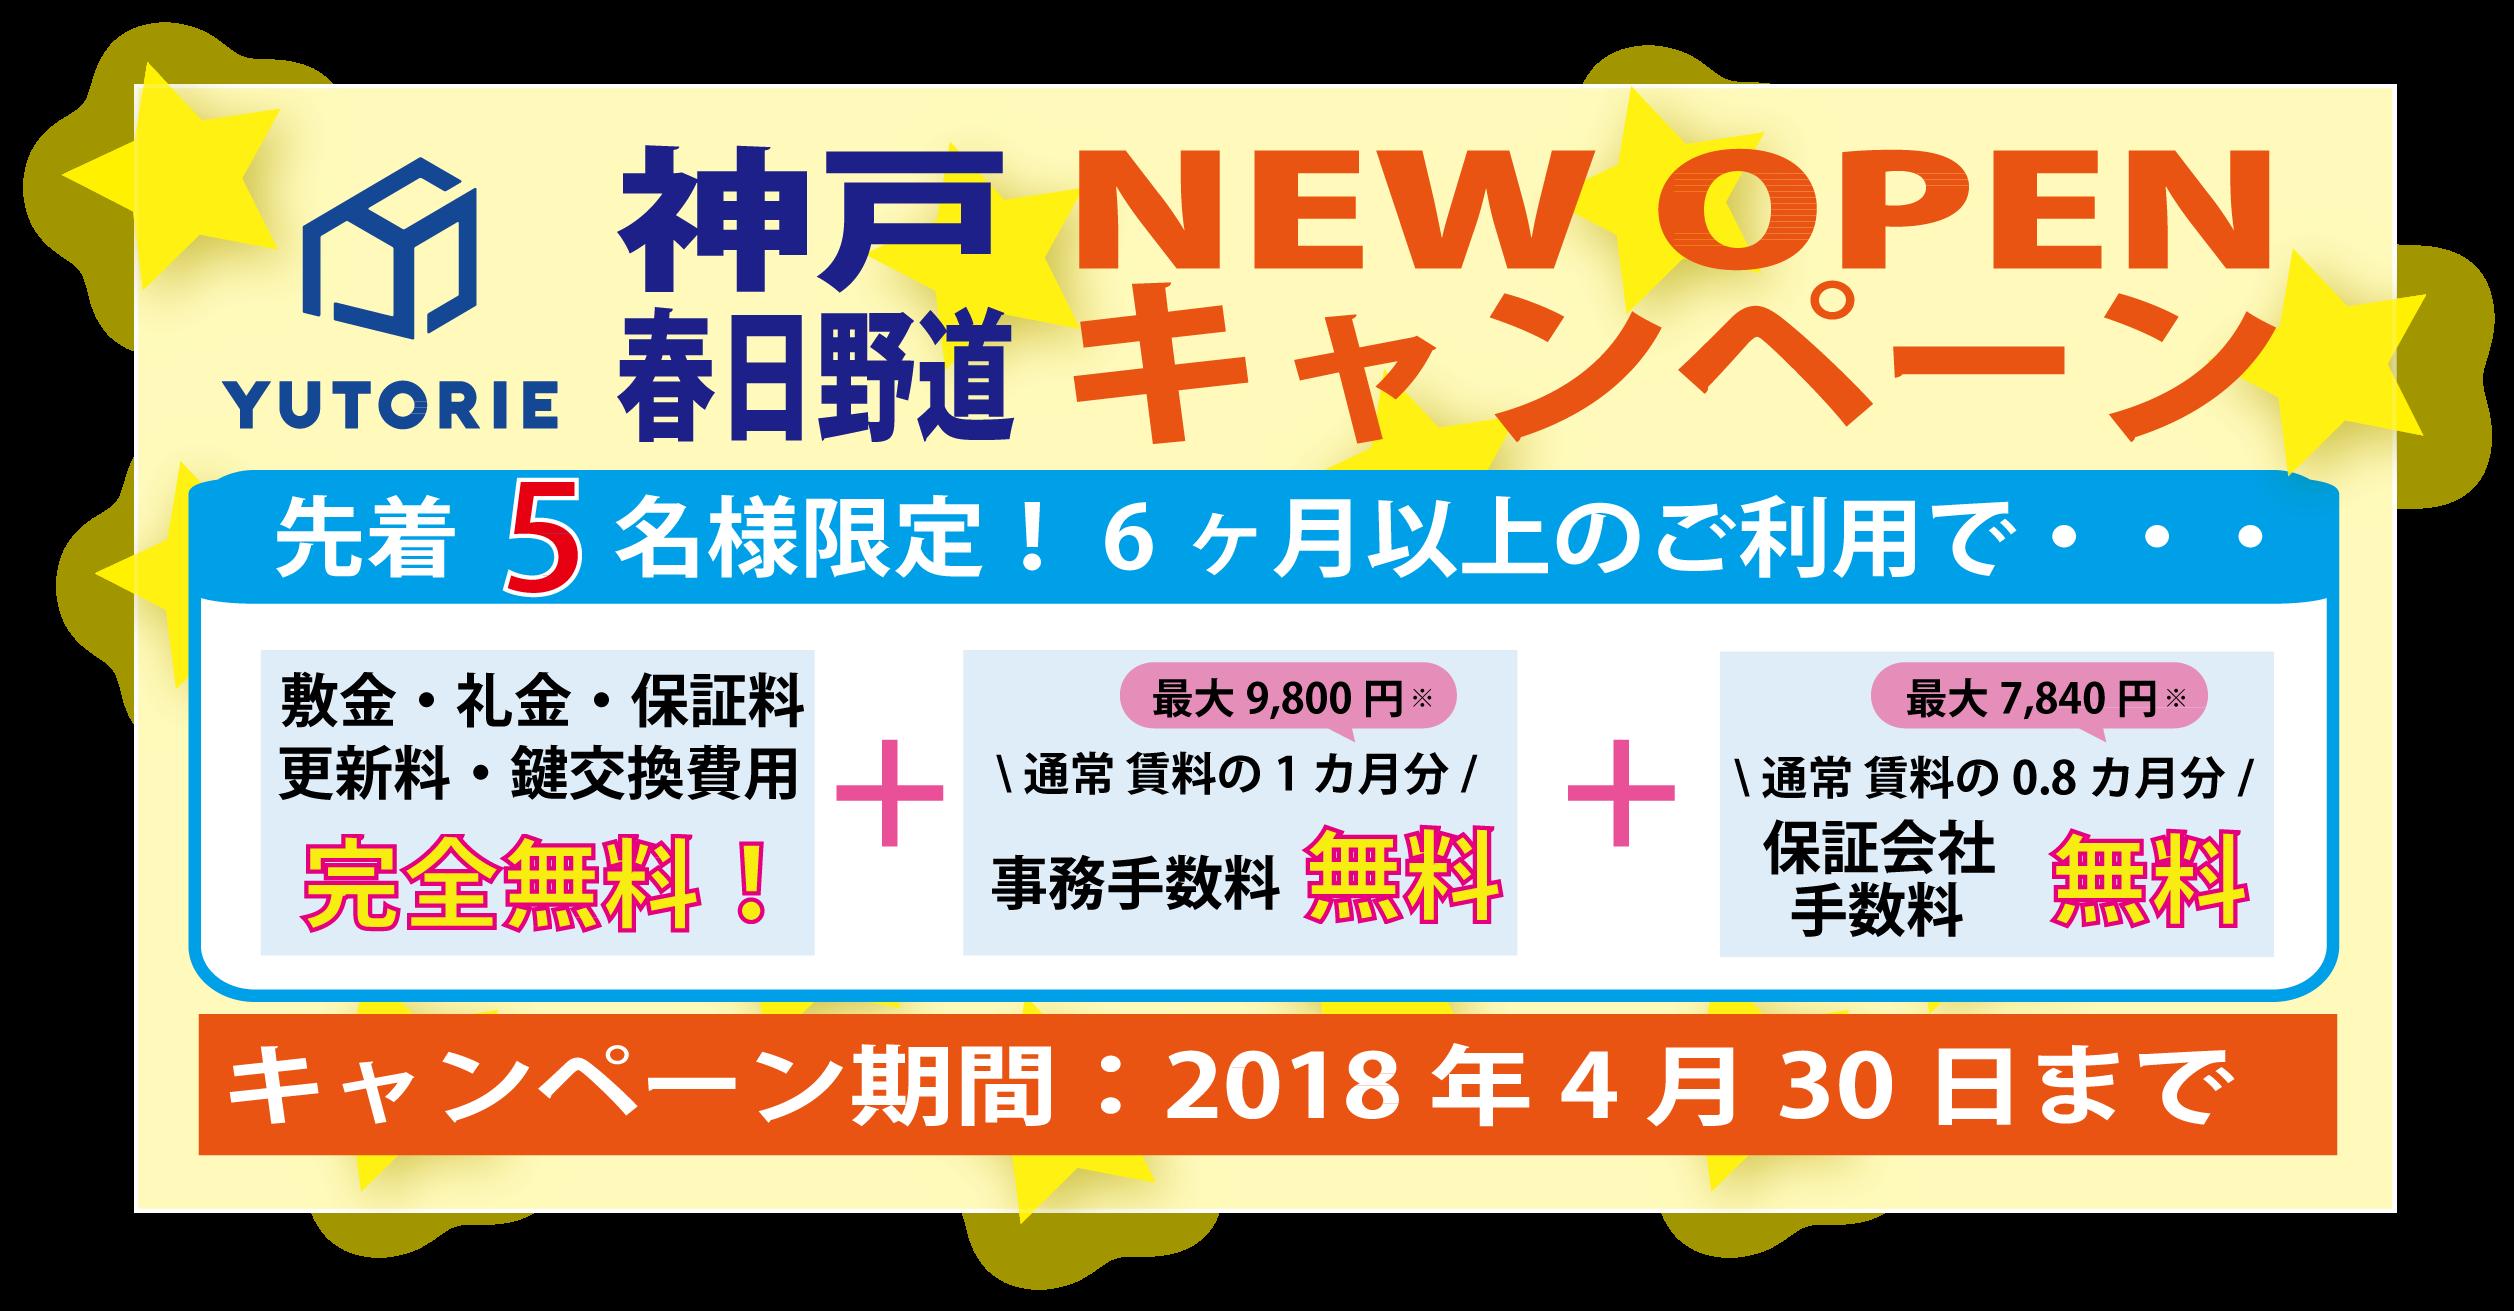 神戸・トランクルーム・倉庫・キャンペーン